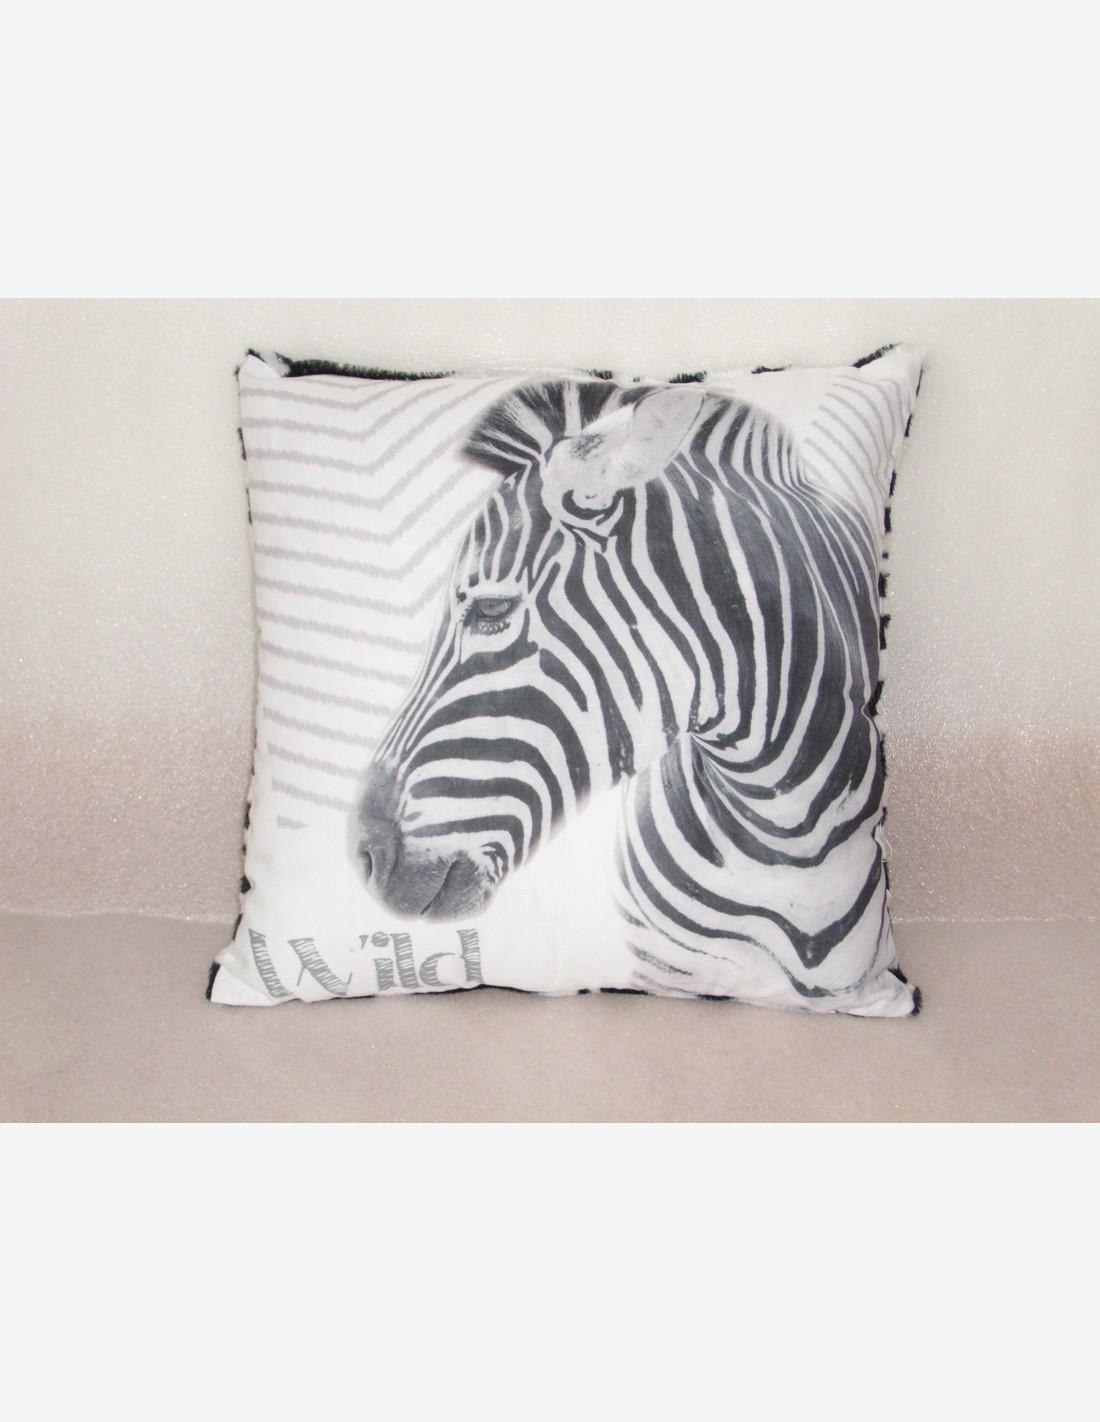 Anvitar.com : Zebra Gartenmobel Bewertung ~> Interessante Ideen für die Gestaltung von Gartenmöbeln